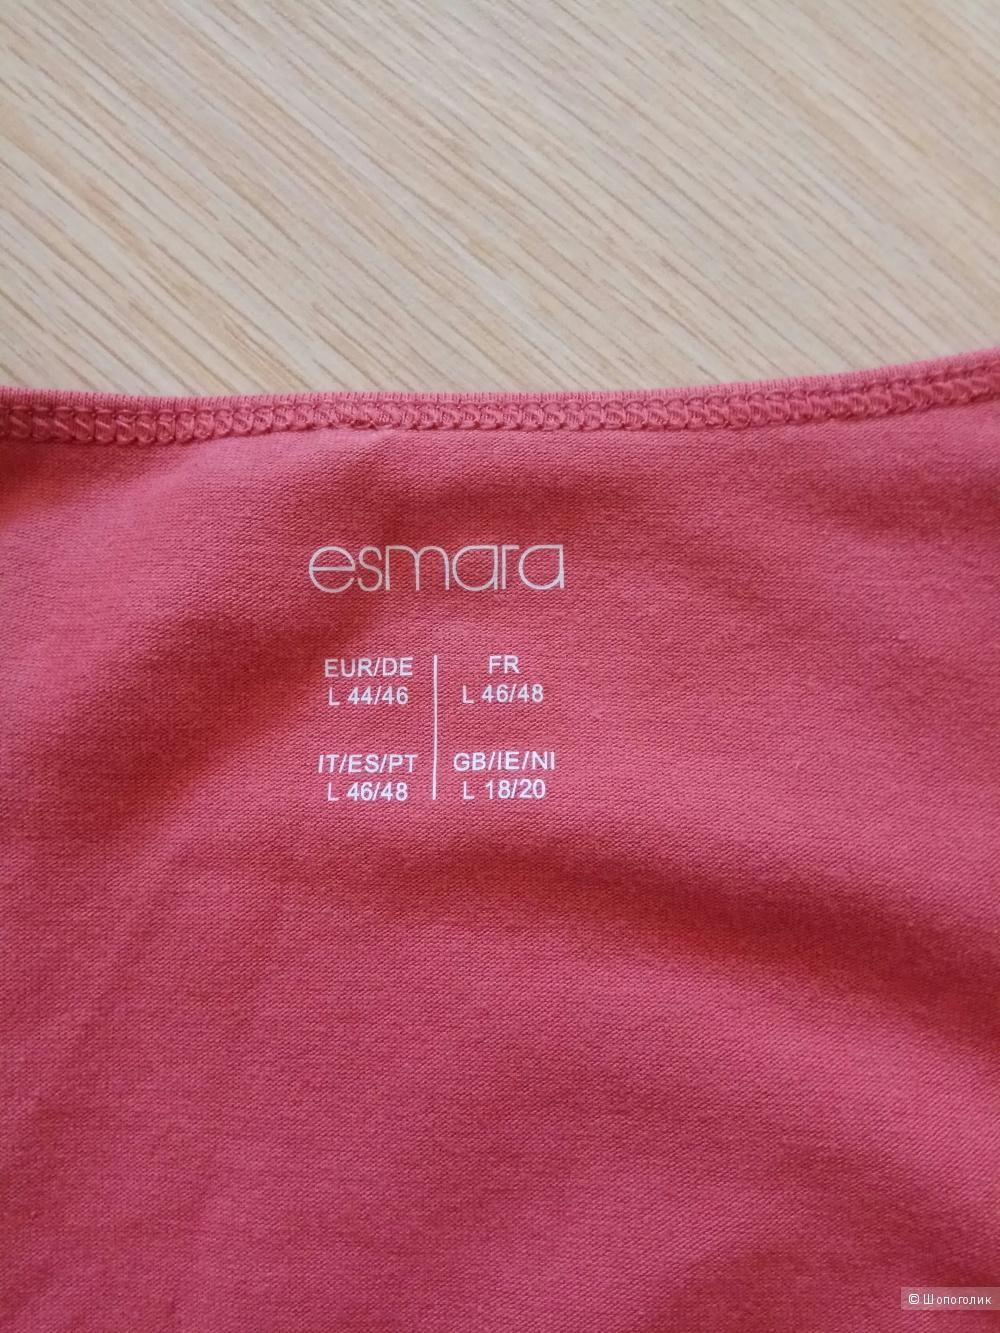 Кофта женская Esmara размер L